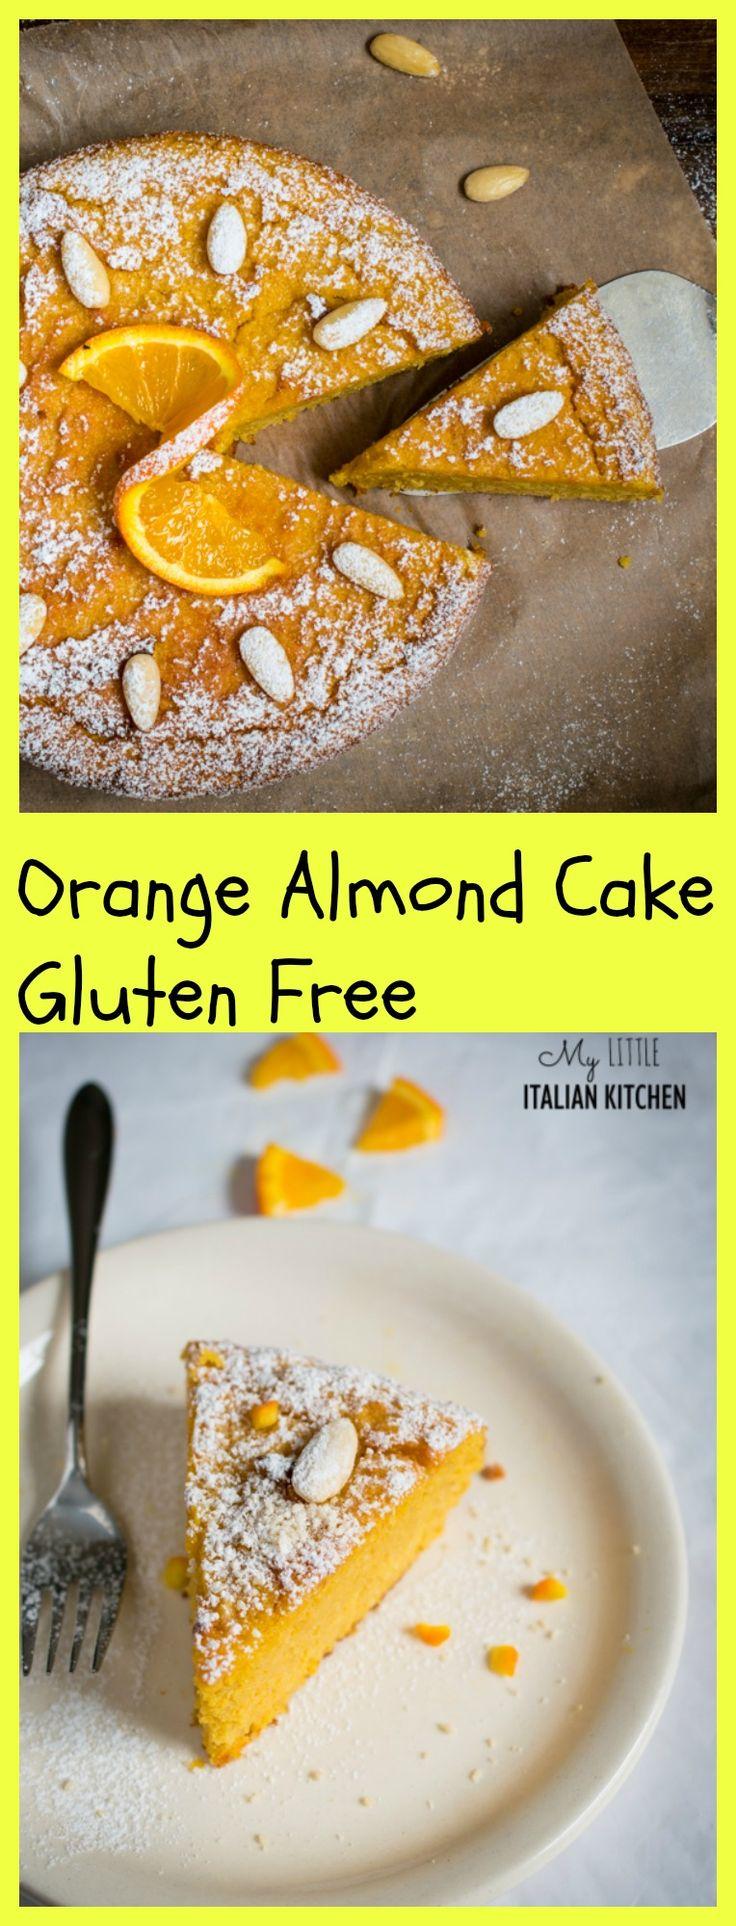 ... orange almond cake with 4 ingredients gluten free gluten free desserts